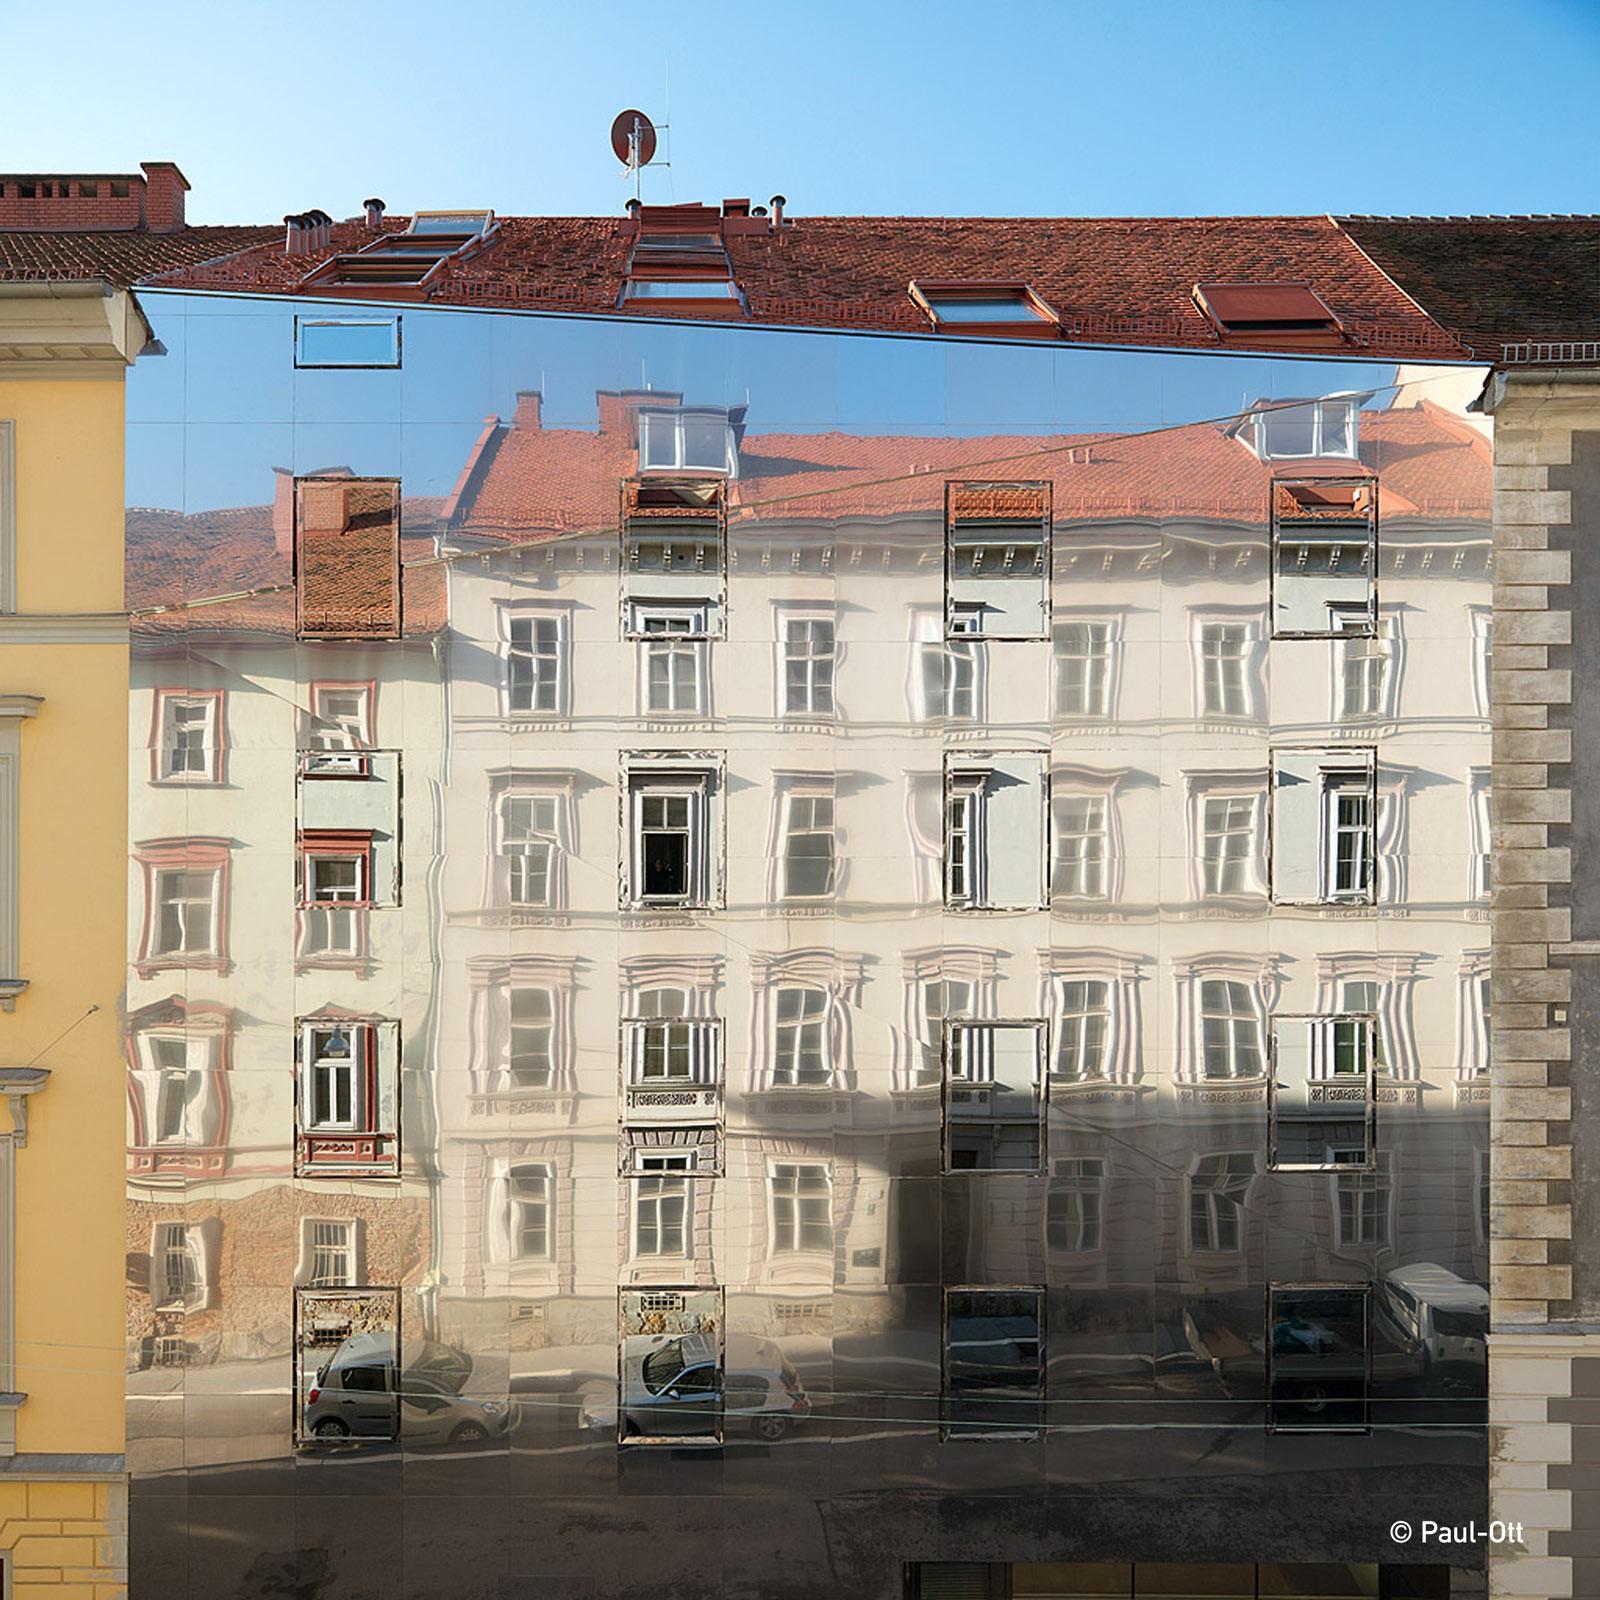 La casa è rivestita di acciaio inossidabile che riflette l'edificio vicino